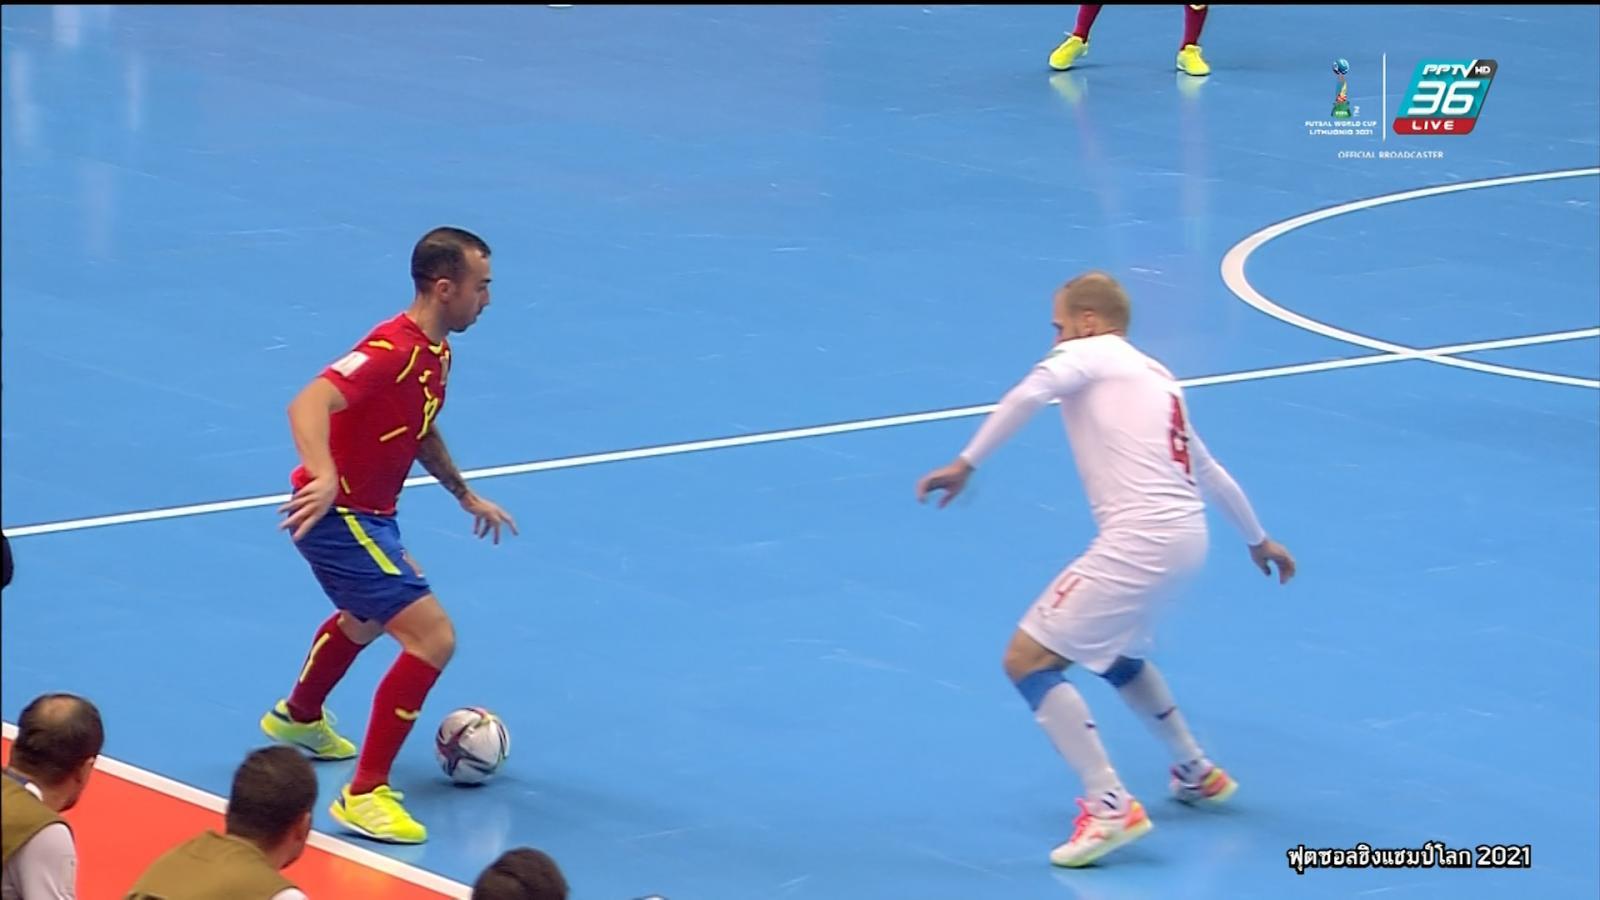 ไฮไลท์ฟุตซอล   ฟีฟ่า ฟุตซอล เวิลด์ คัพ 2021   สเปน 5-2 เช็ก   25 ก.ย. 64